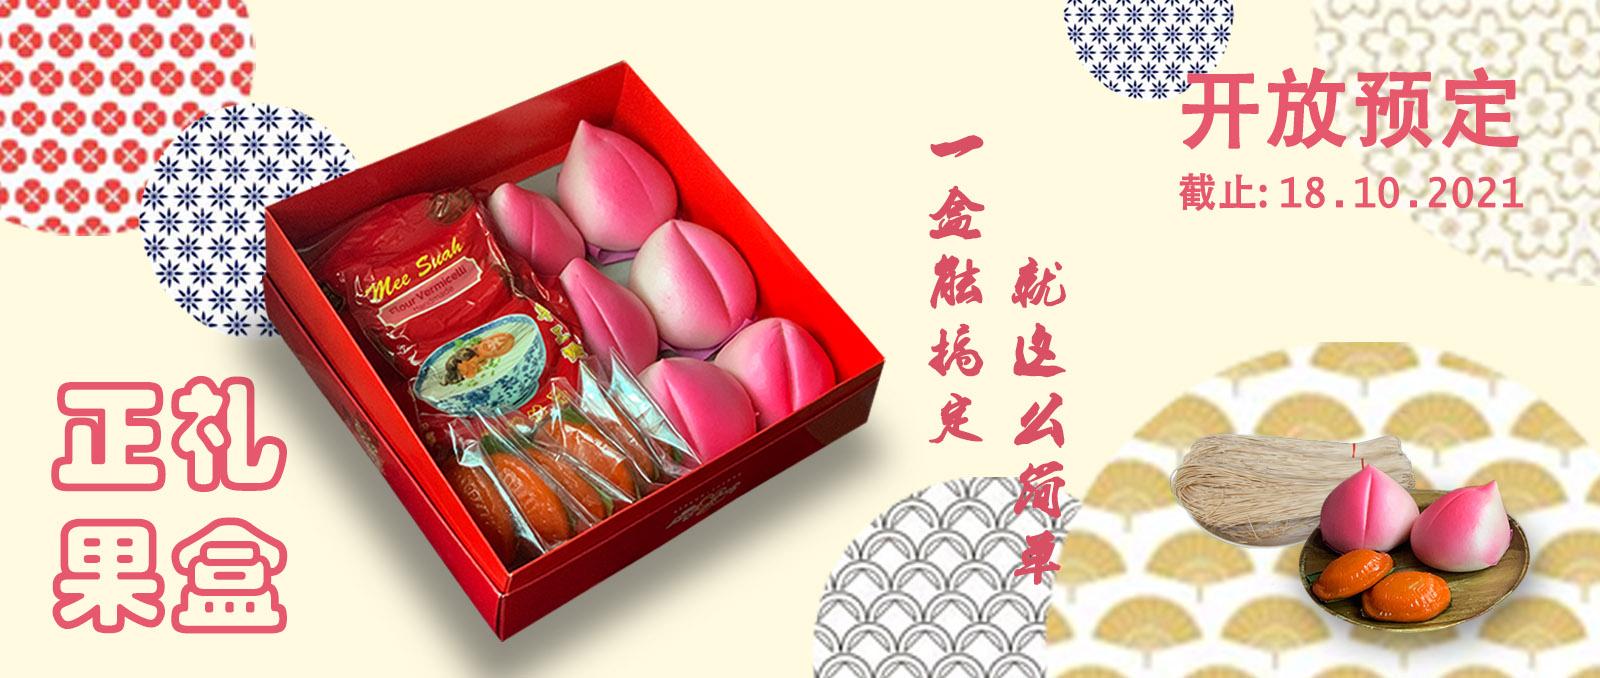 OCTOBER 正果礼盒 Website Banner 1600 x 678